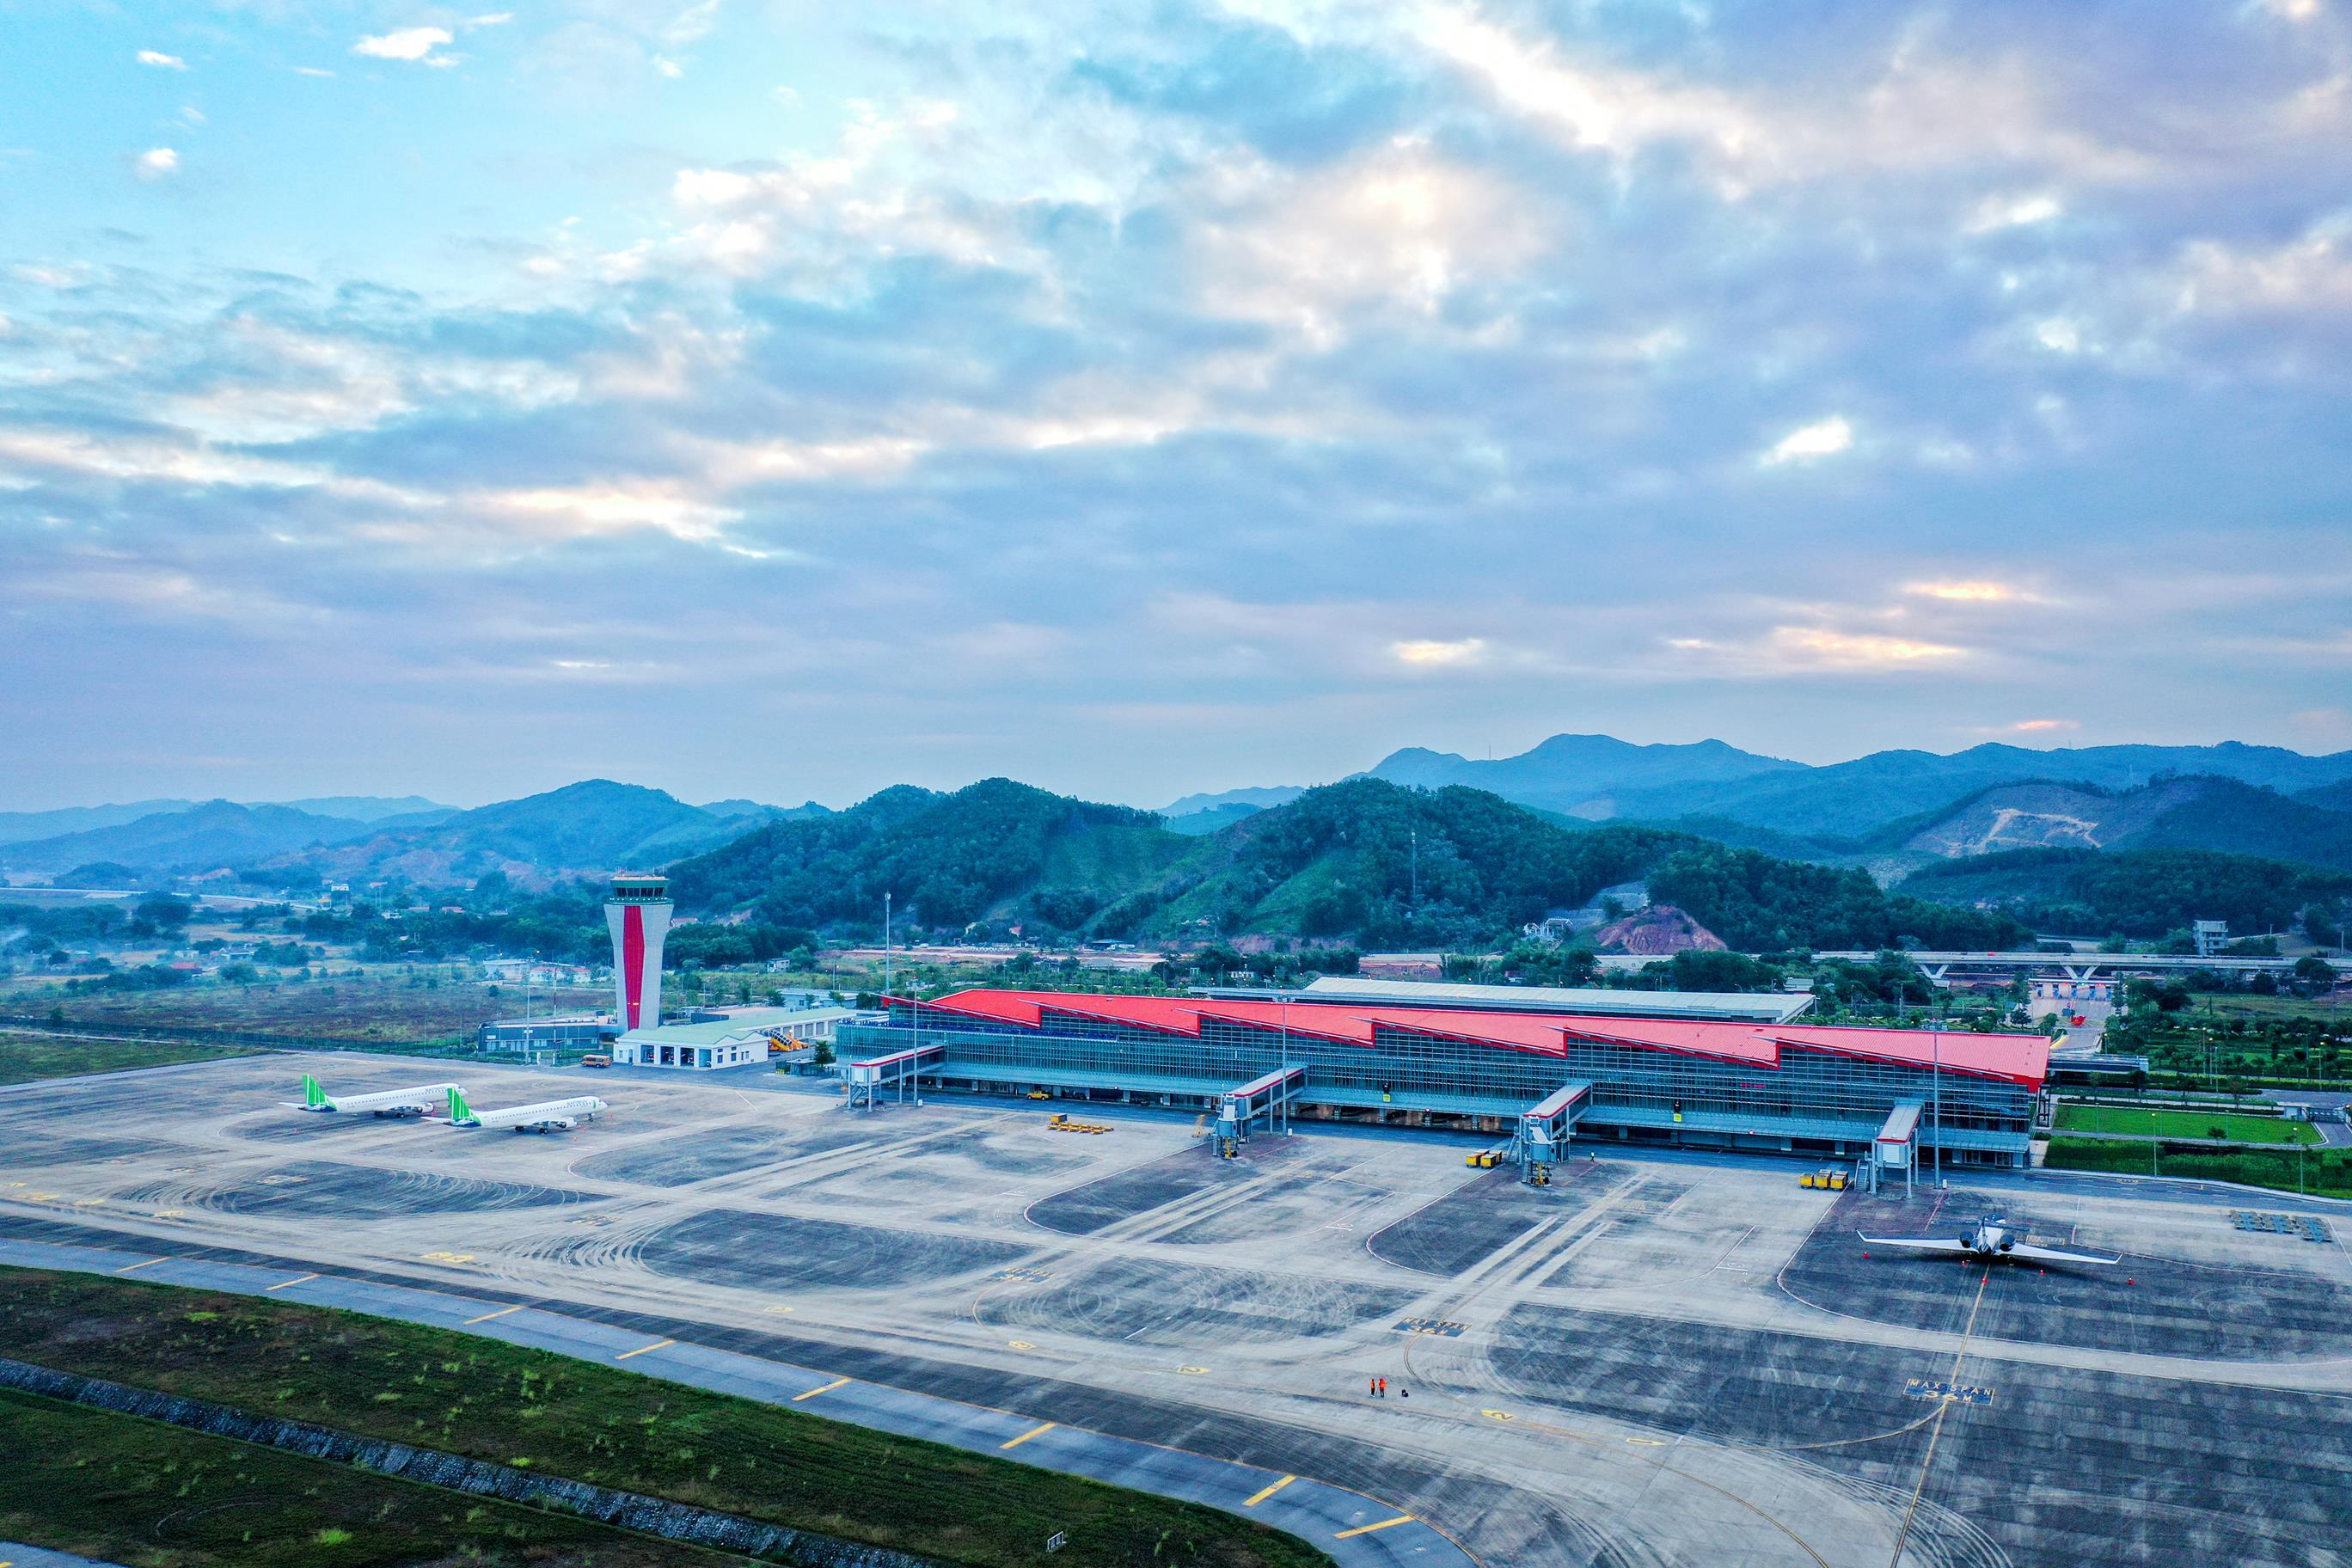 Hệ thống công nghệ tại sân bay hiện đại nhất Việt Nam có gì? 8